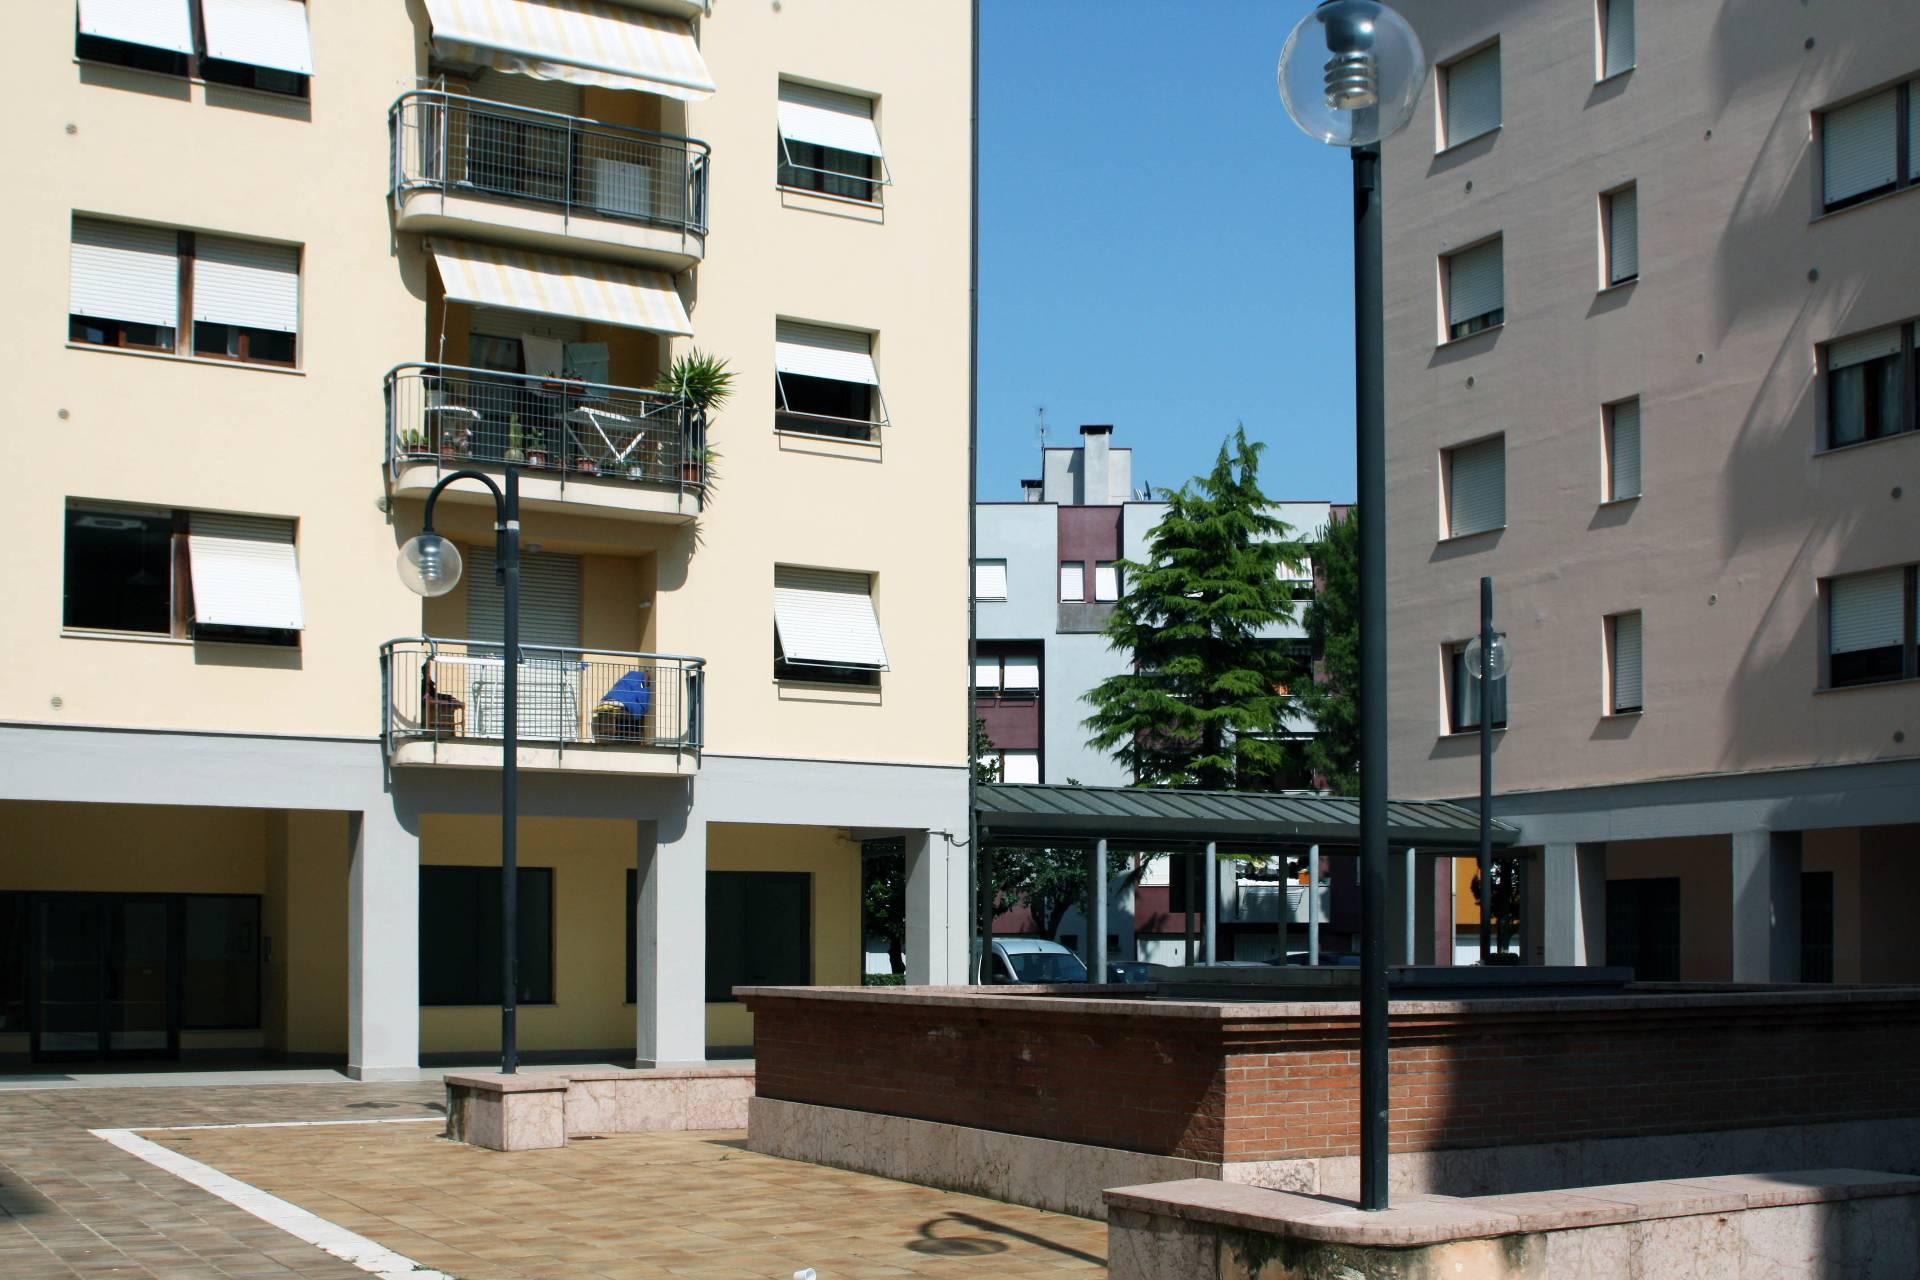 Appartamento in vendita a Chiaravalle, 4 locali, prezzo € 57.000 | Cambio Casa.it